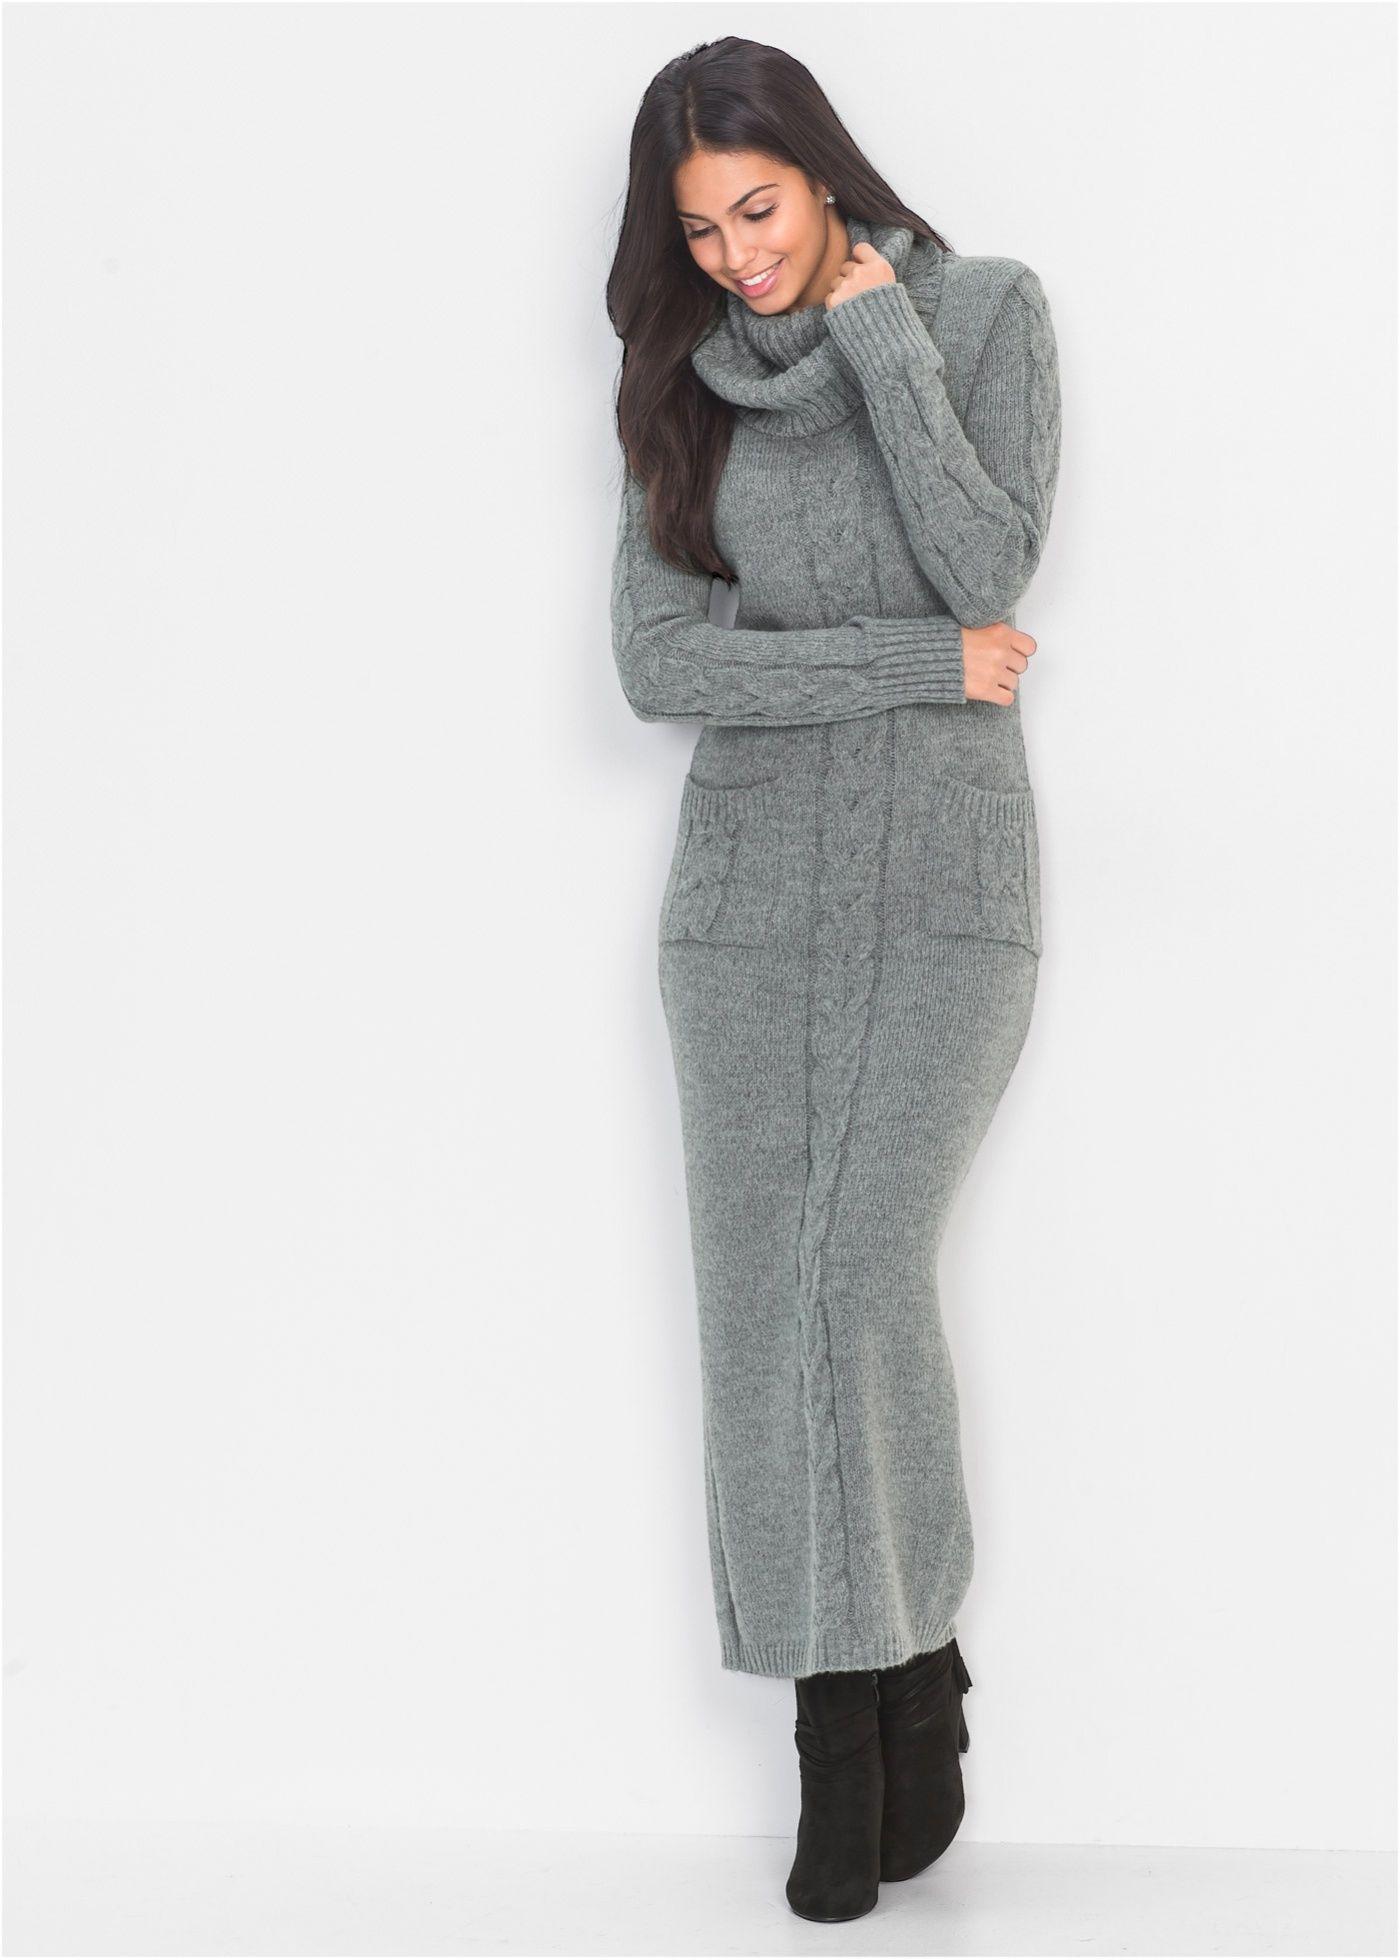 90e31485405763 Gebreide jurk grijs gemêleerd nu in de onlineshop van bonprix.nl vanaf   39.99  bestellen